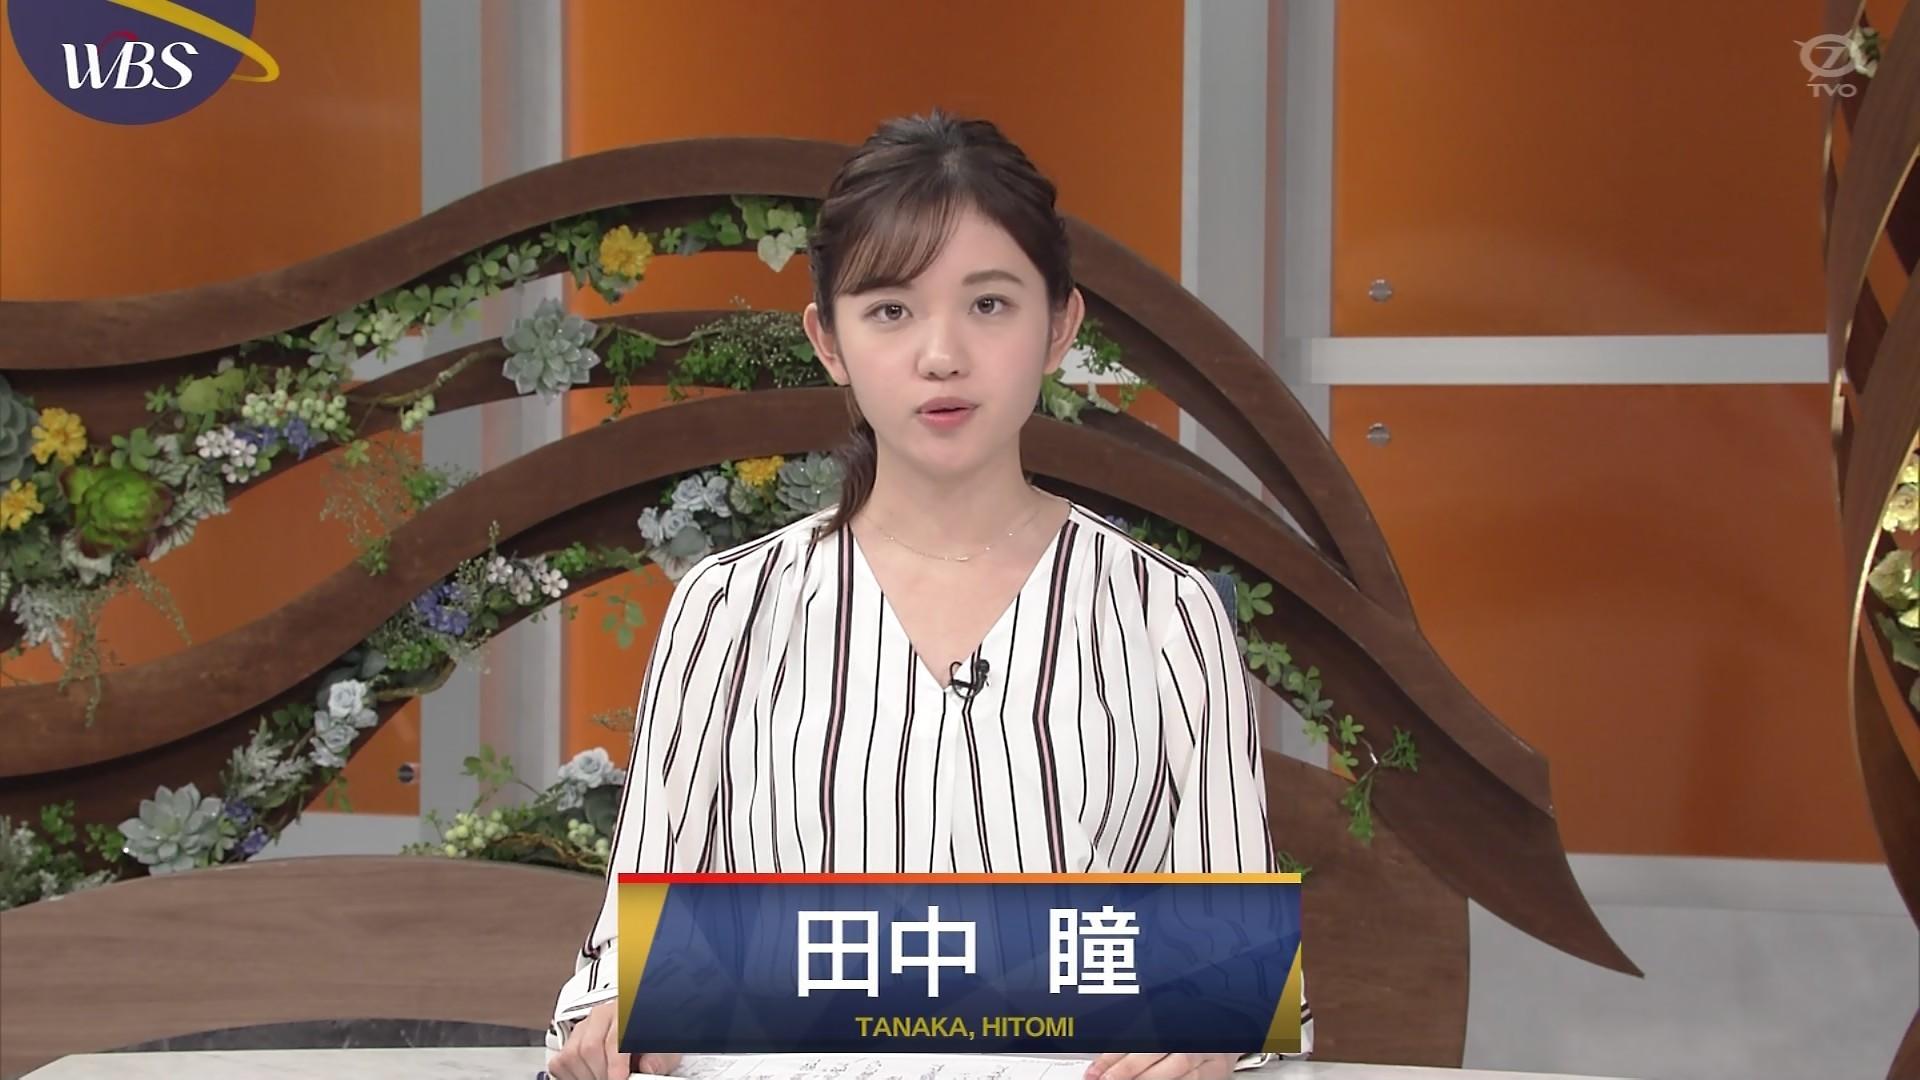 田中瞳アナの可愛い顔11